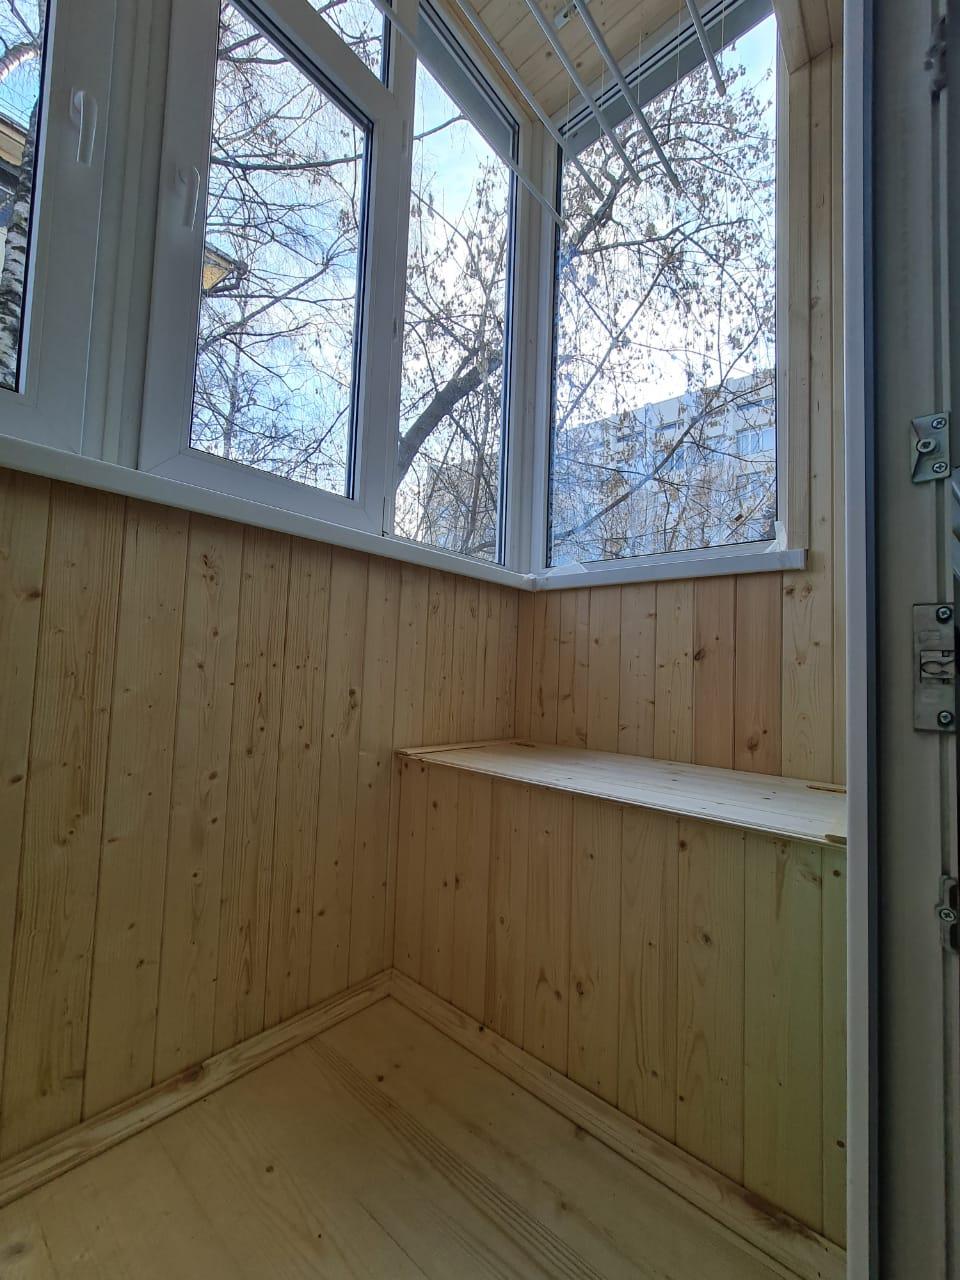 Остекление, утепление и обшивка балкона, установка мебели Курашова, 32 - фото